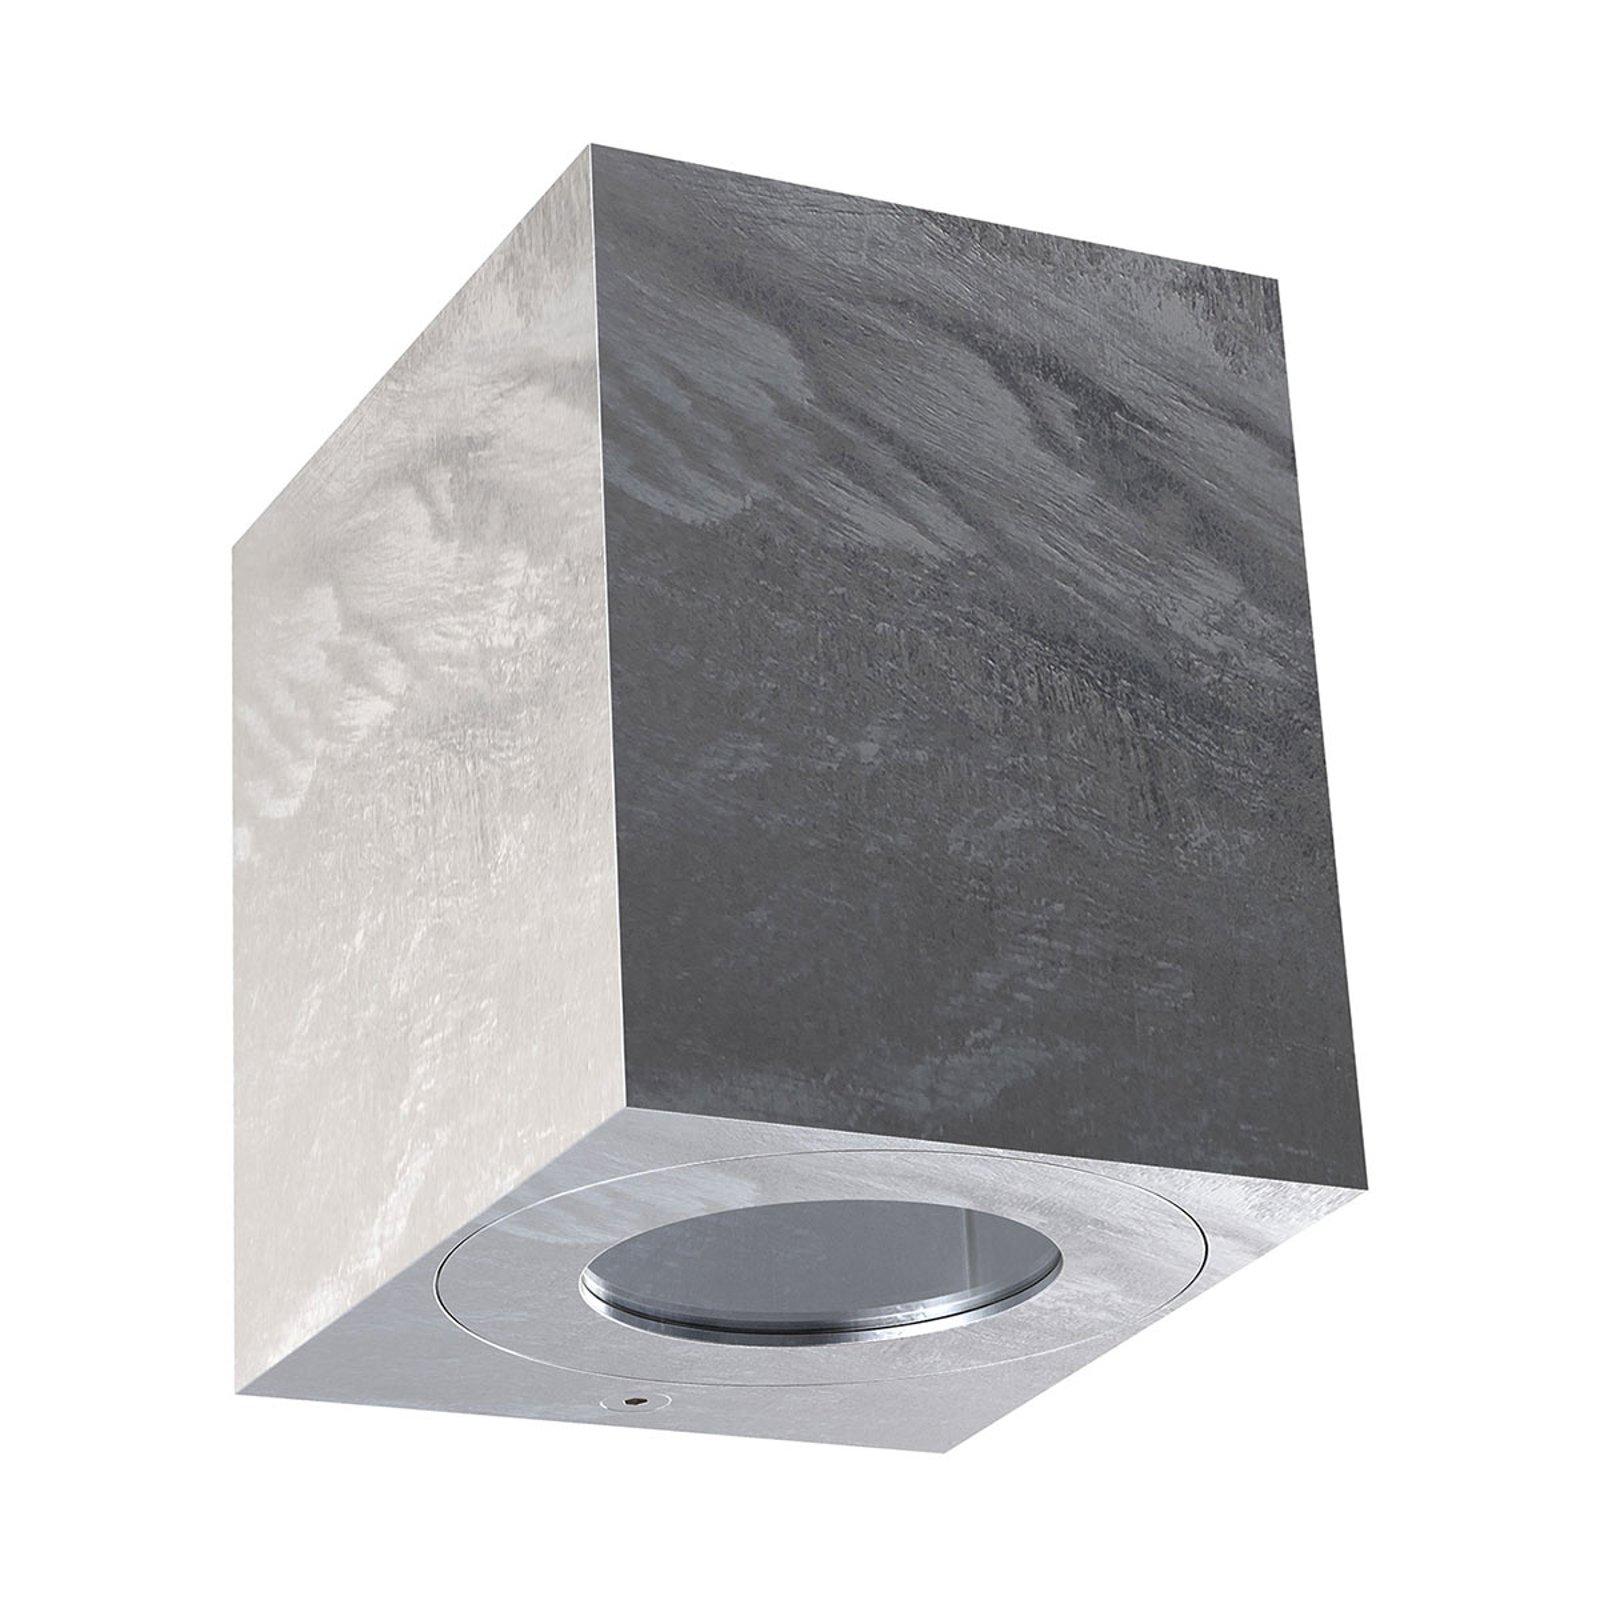 LED-utevegglampe Canto Kubi 2, 10 cm, galvanisert